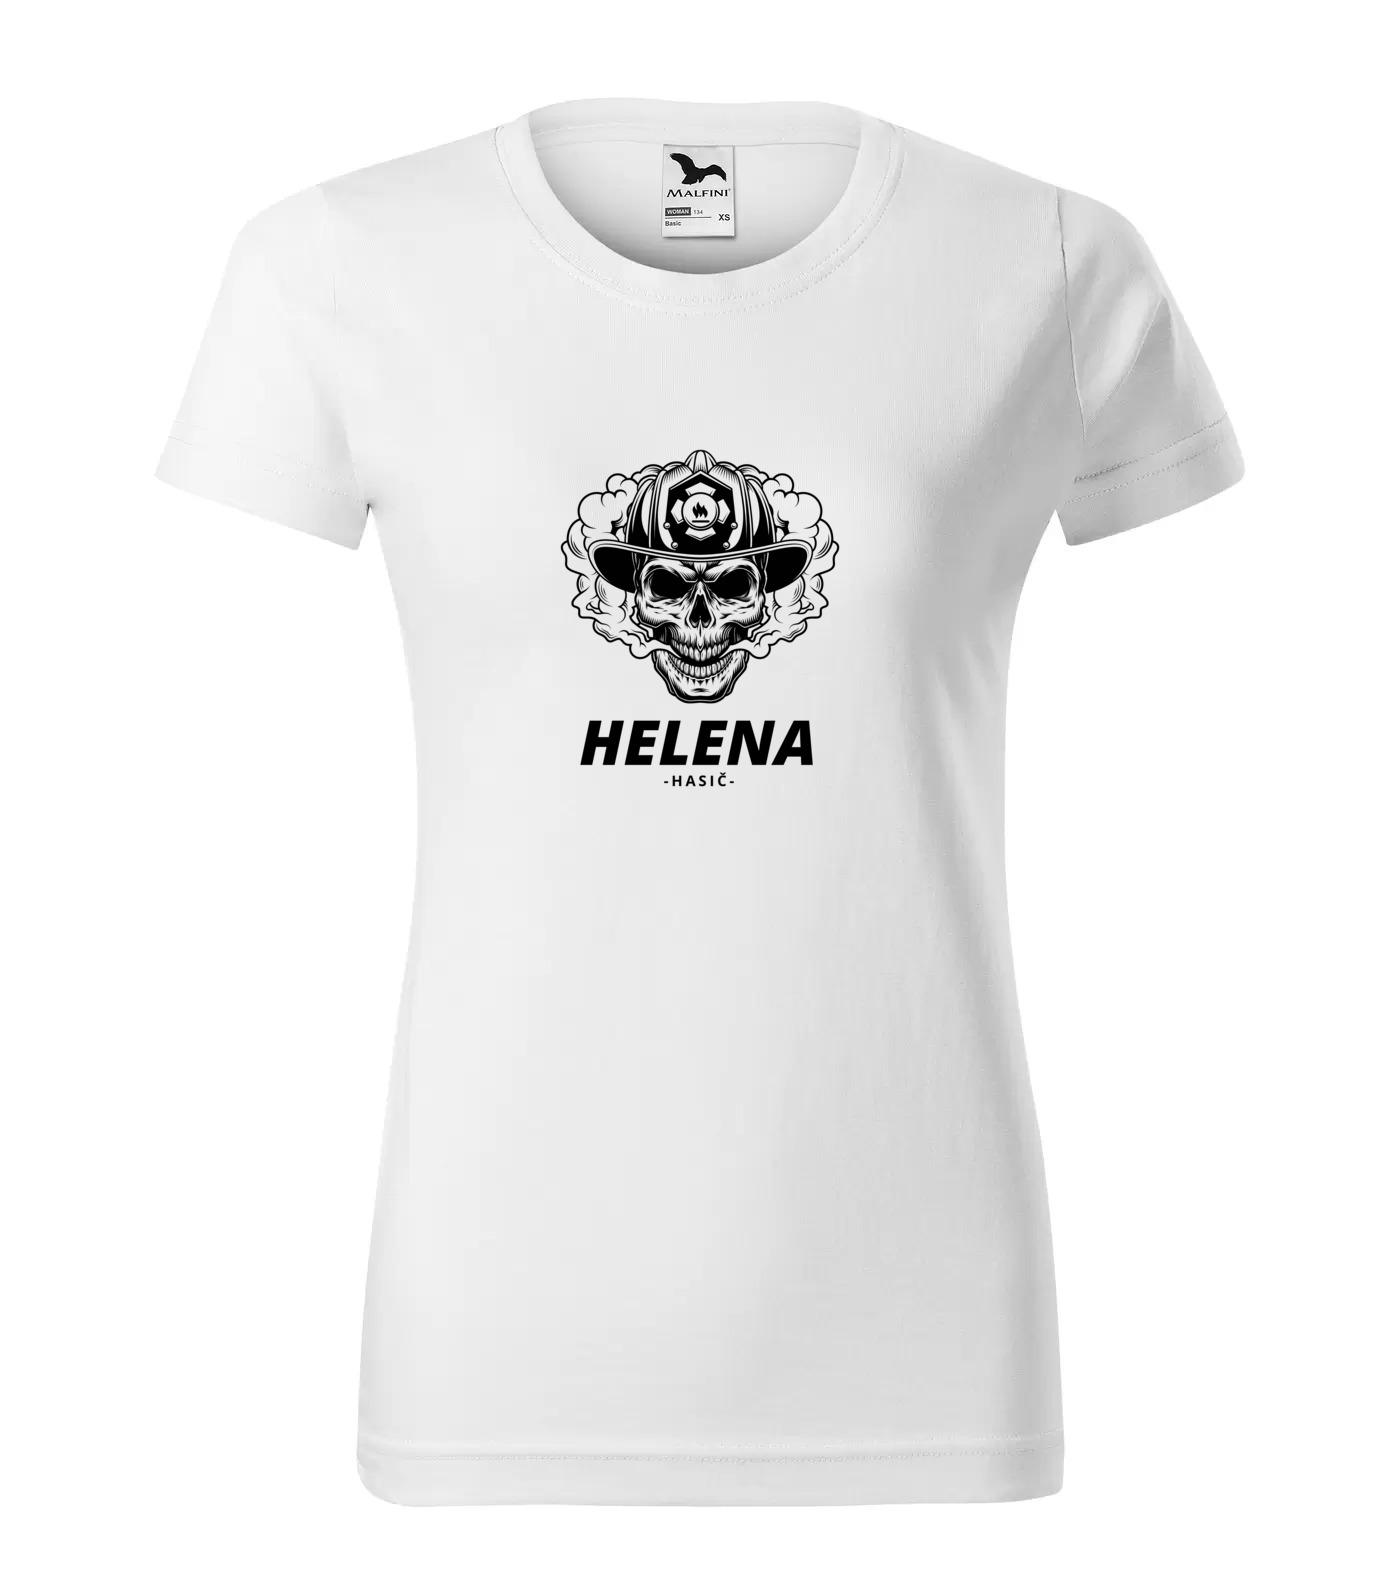 Tričko Hasič Helena